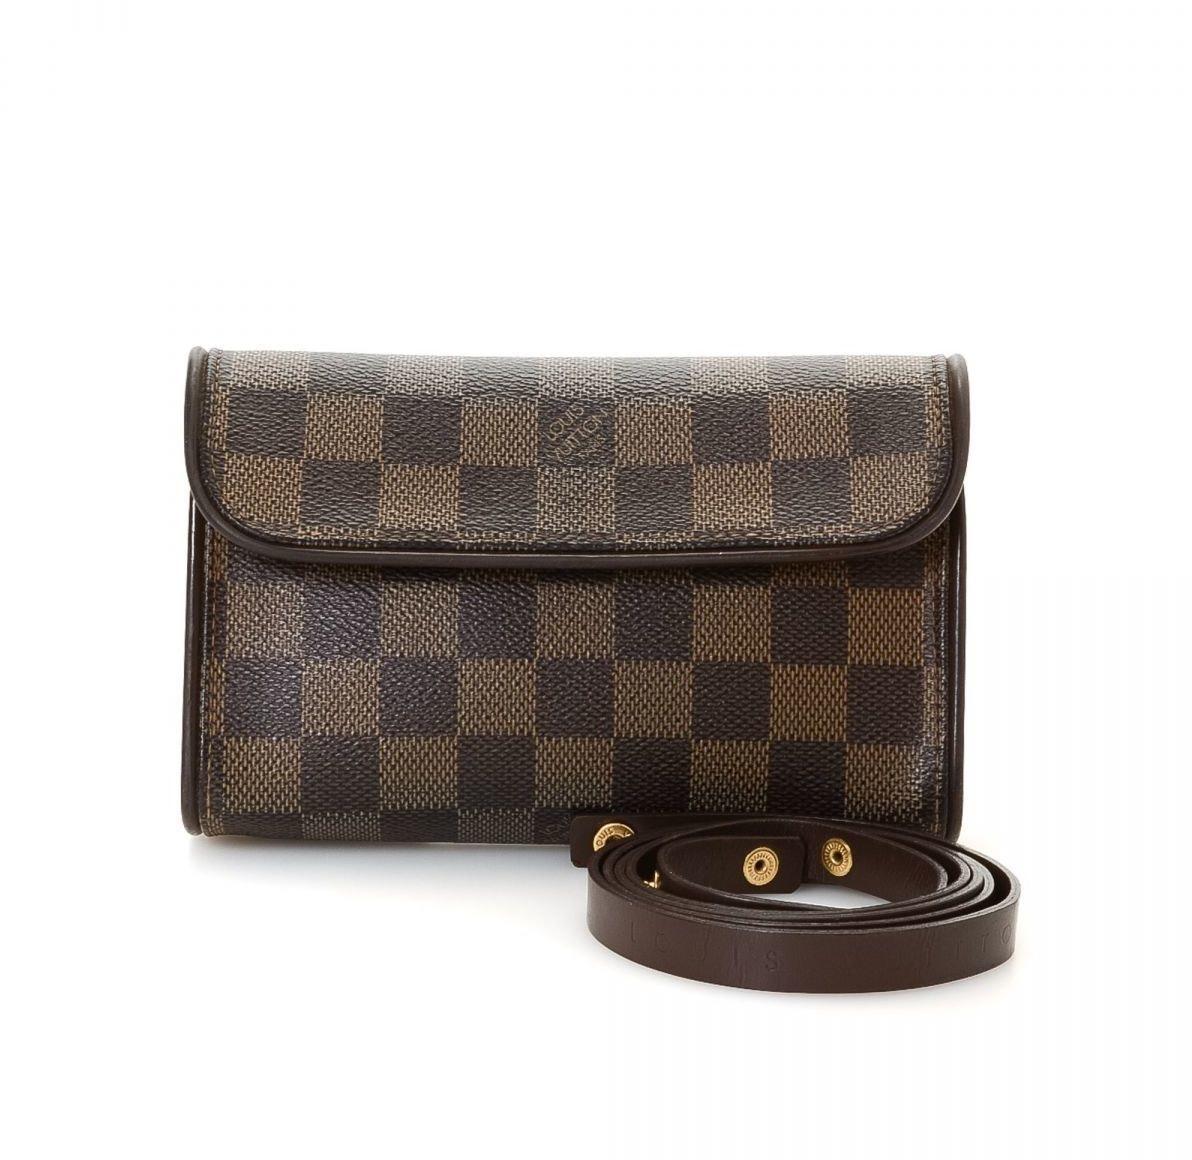 Louis Vuitton Pochette Florentine Damier Ebene Dark Brown